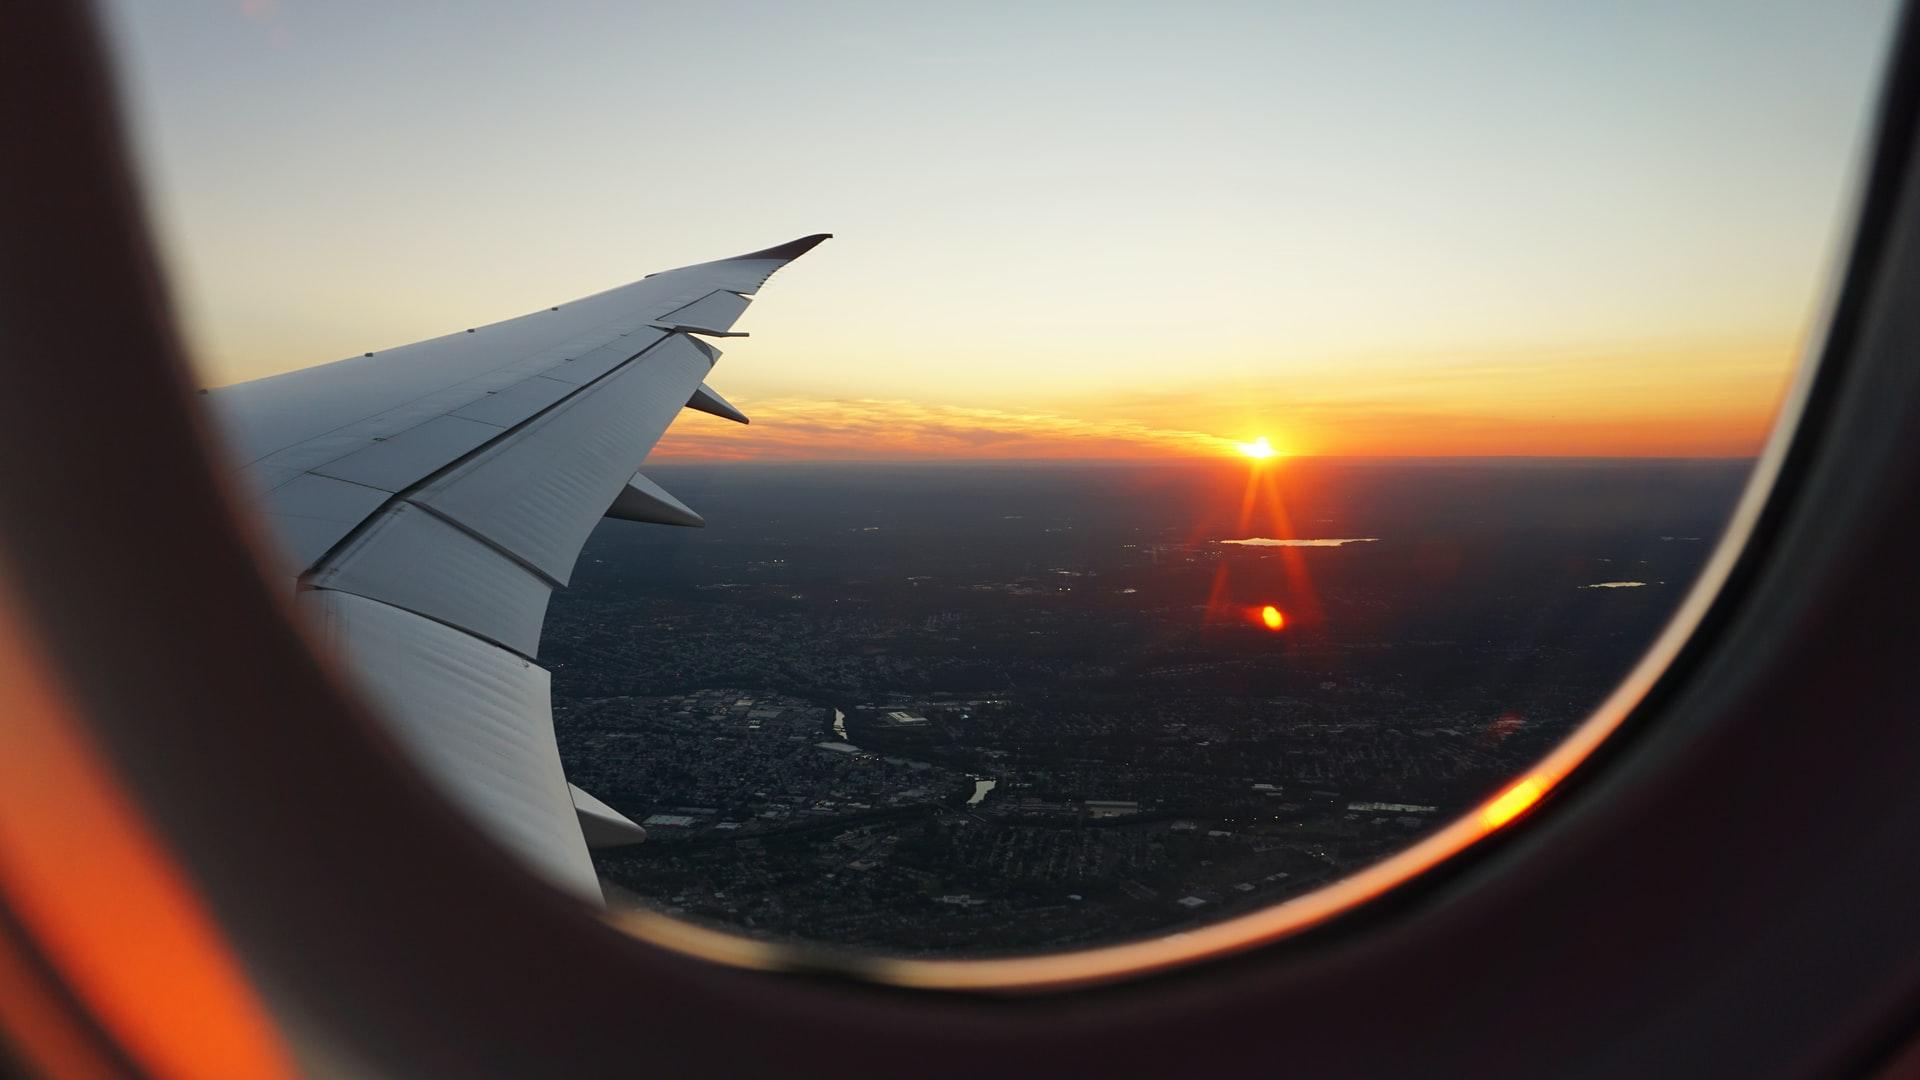 vue du hublot d'un avion